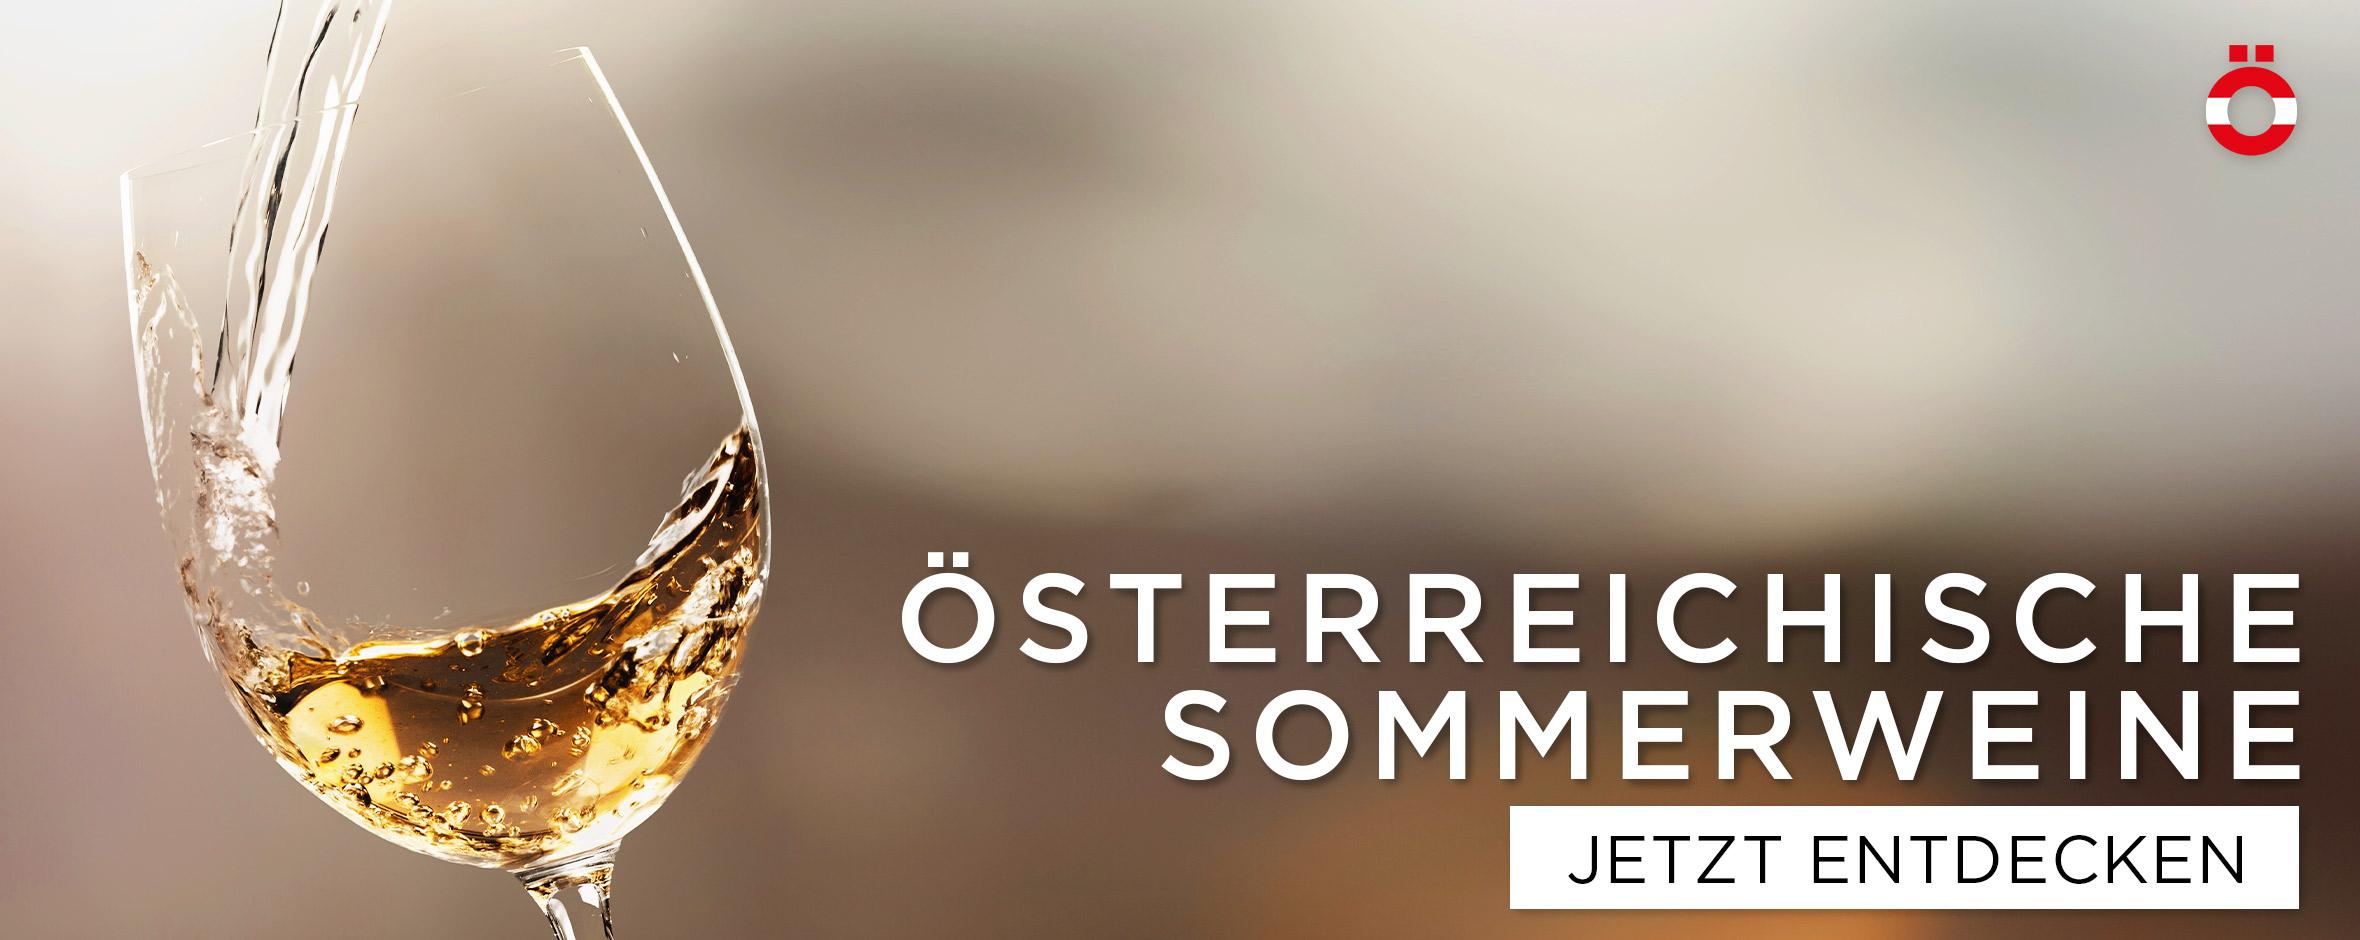 Österreichische Sommerweine